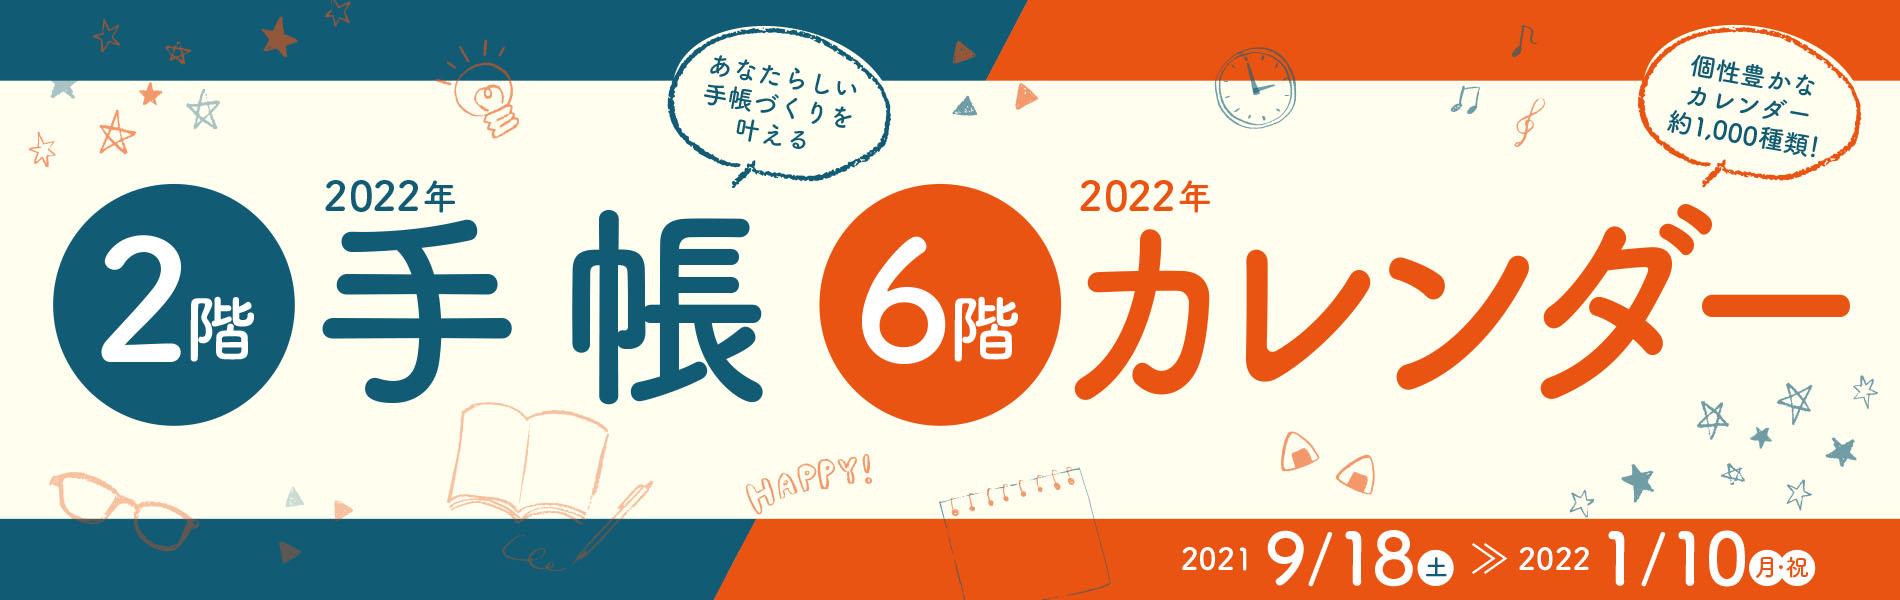 2022手帳カレンダー